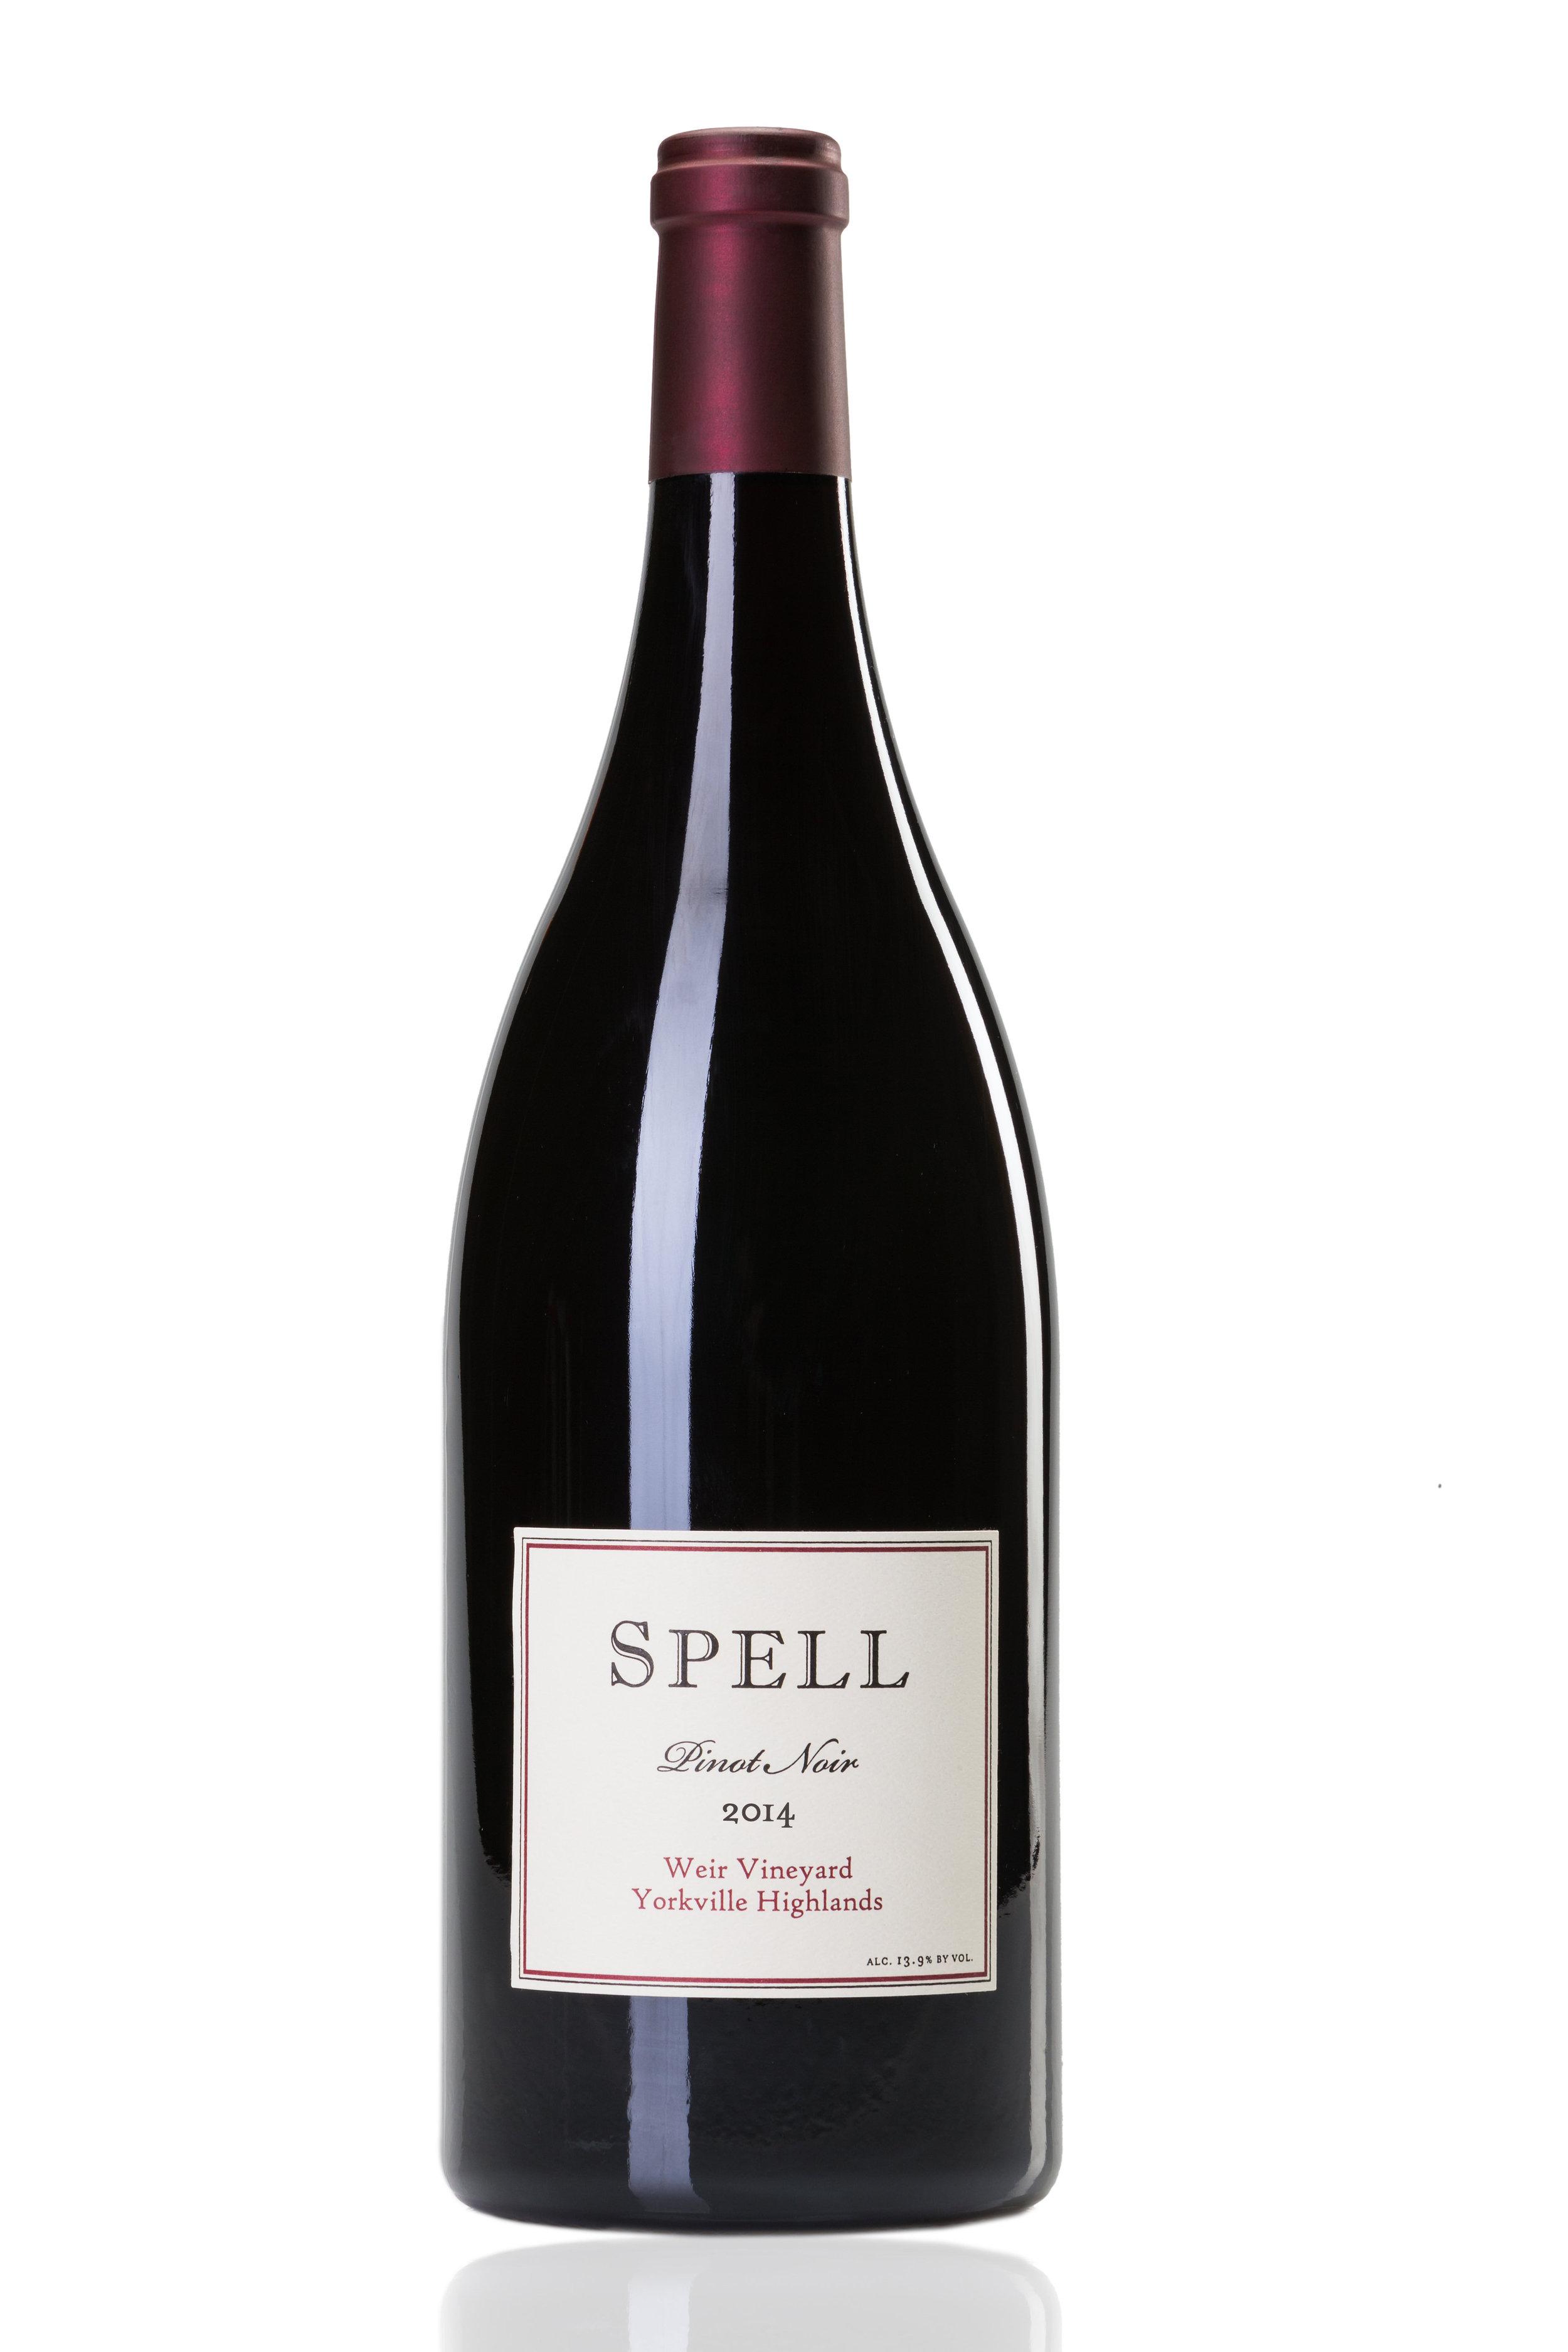 spellestate_wine_PinotNoir_Thanksgiving_spiritedtable_photo1.jpg